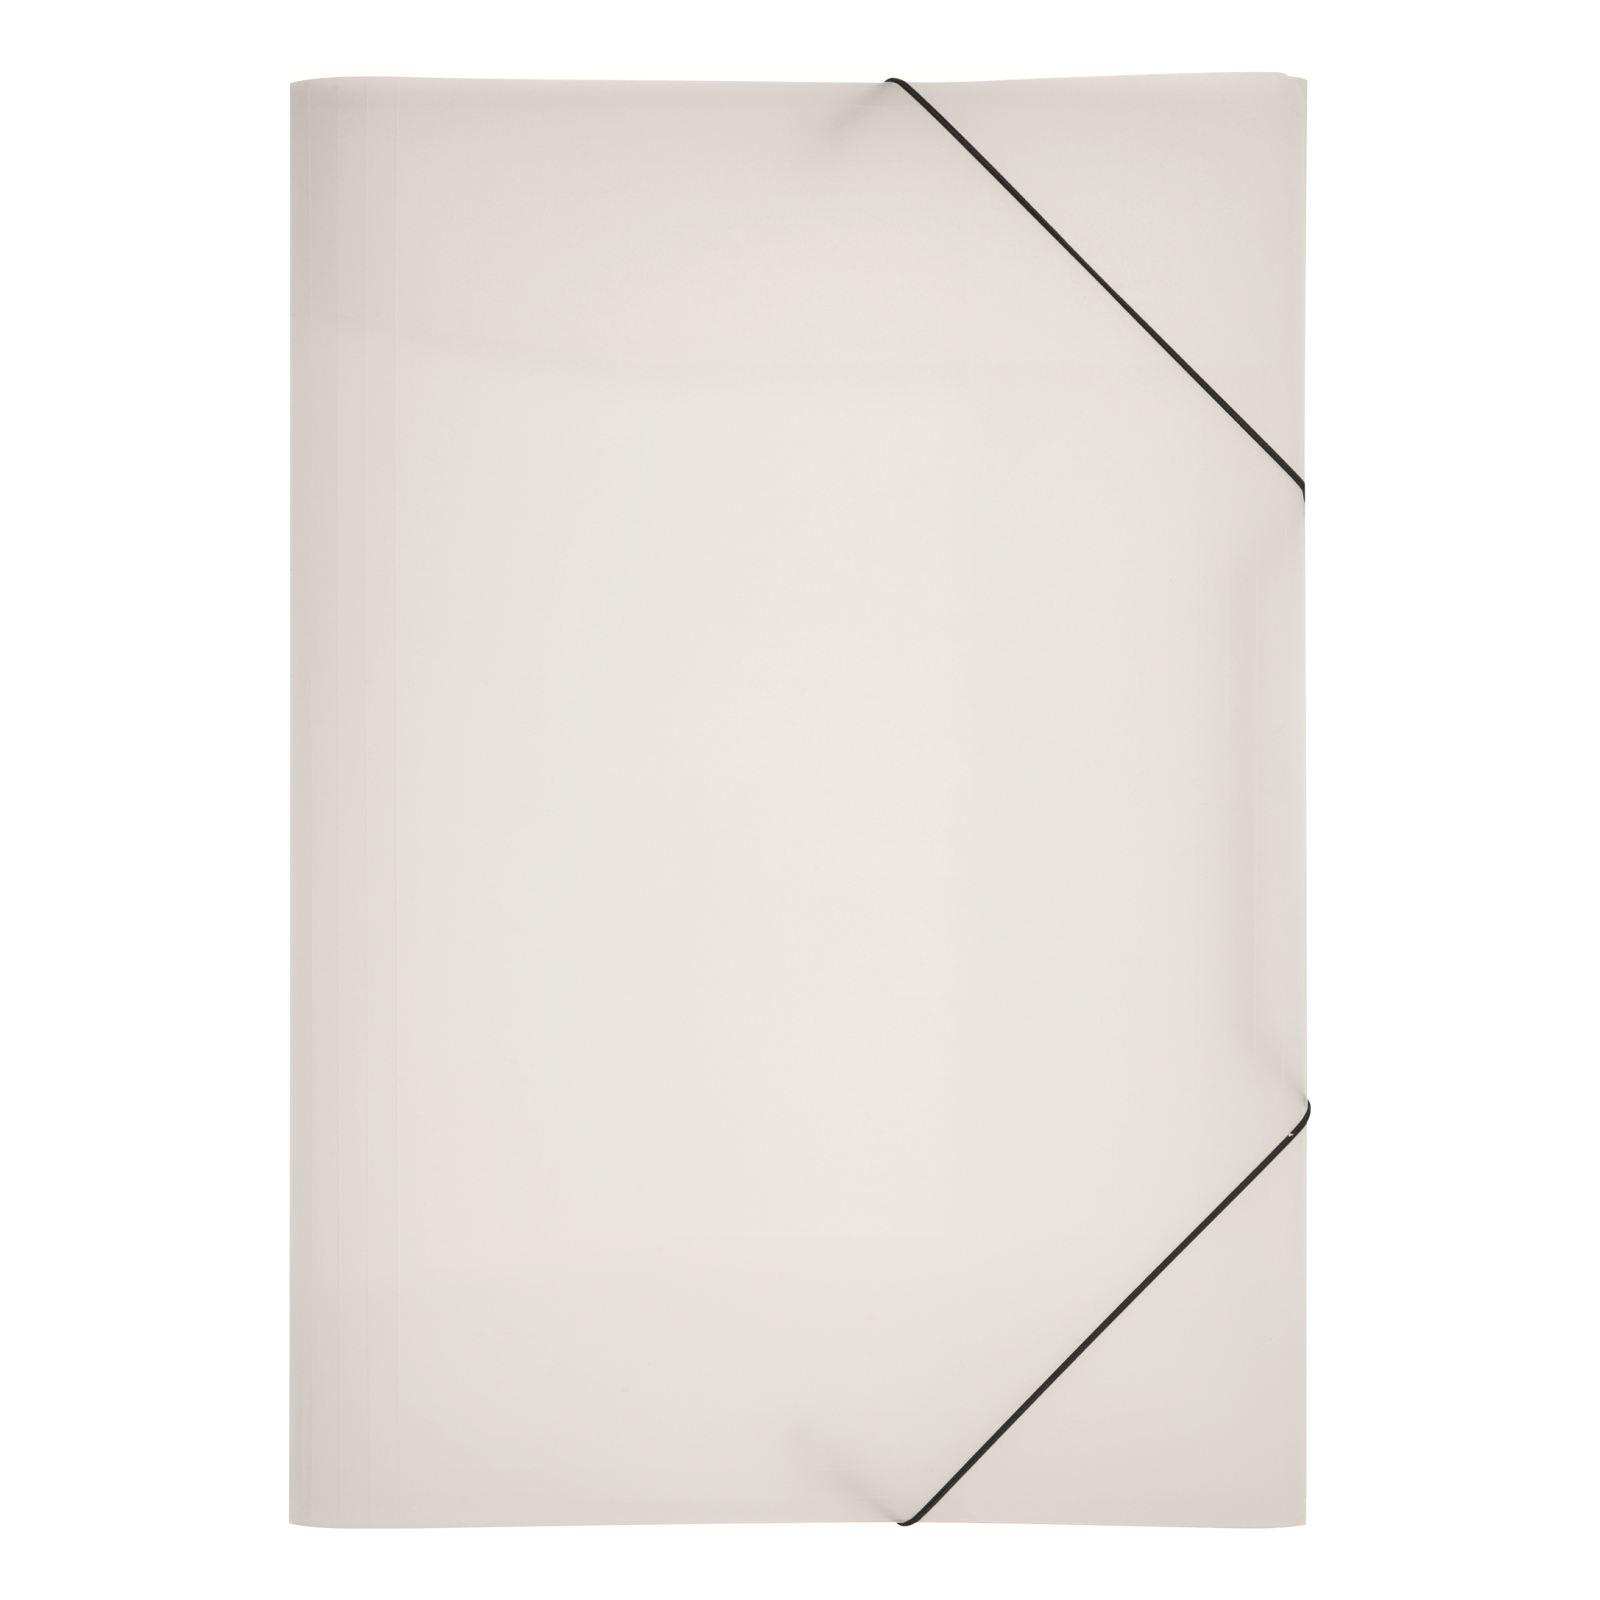 Pagna 21638-19 - A3 - Polypropylen (PP) - Transparent - Gummiband - 5 Stück(e)